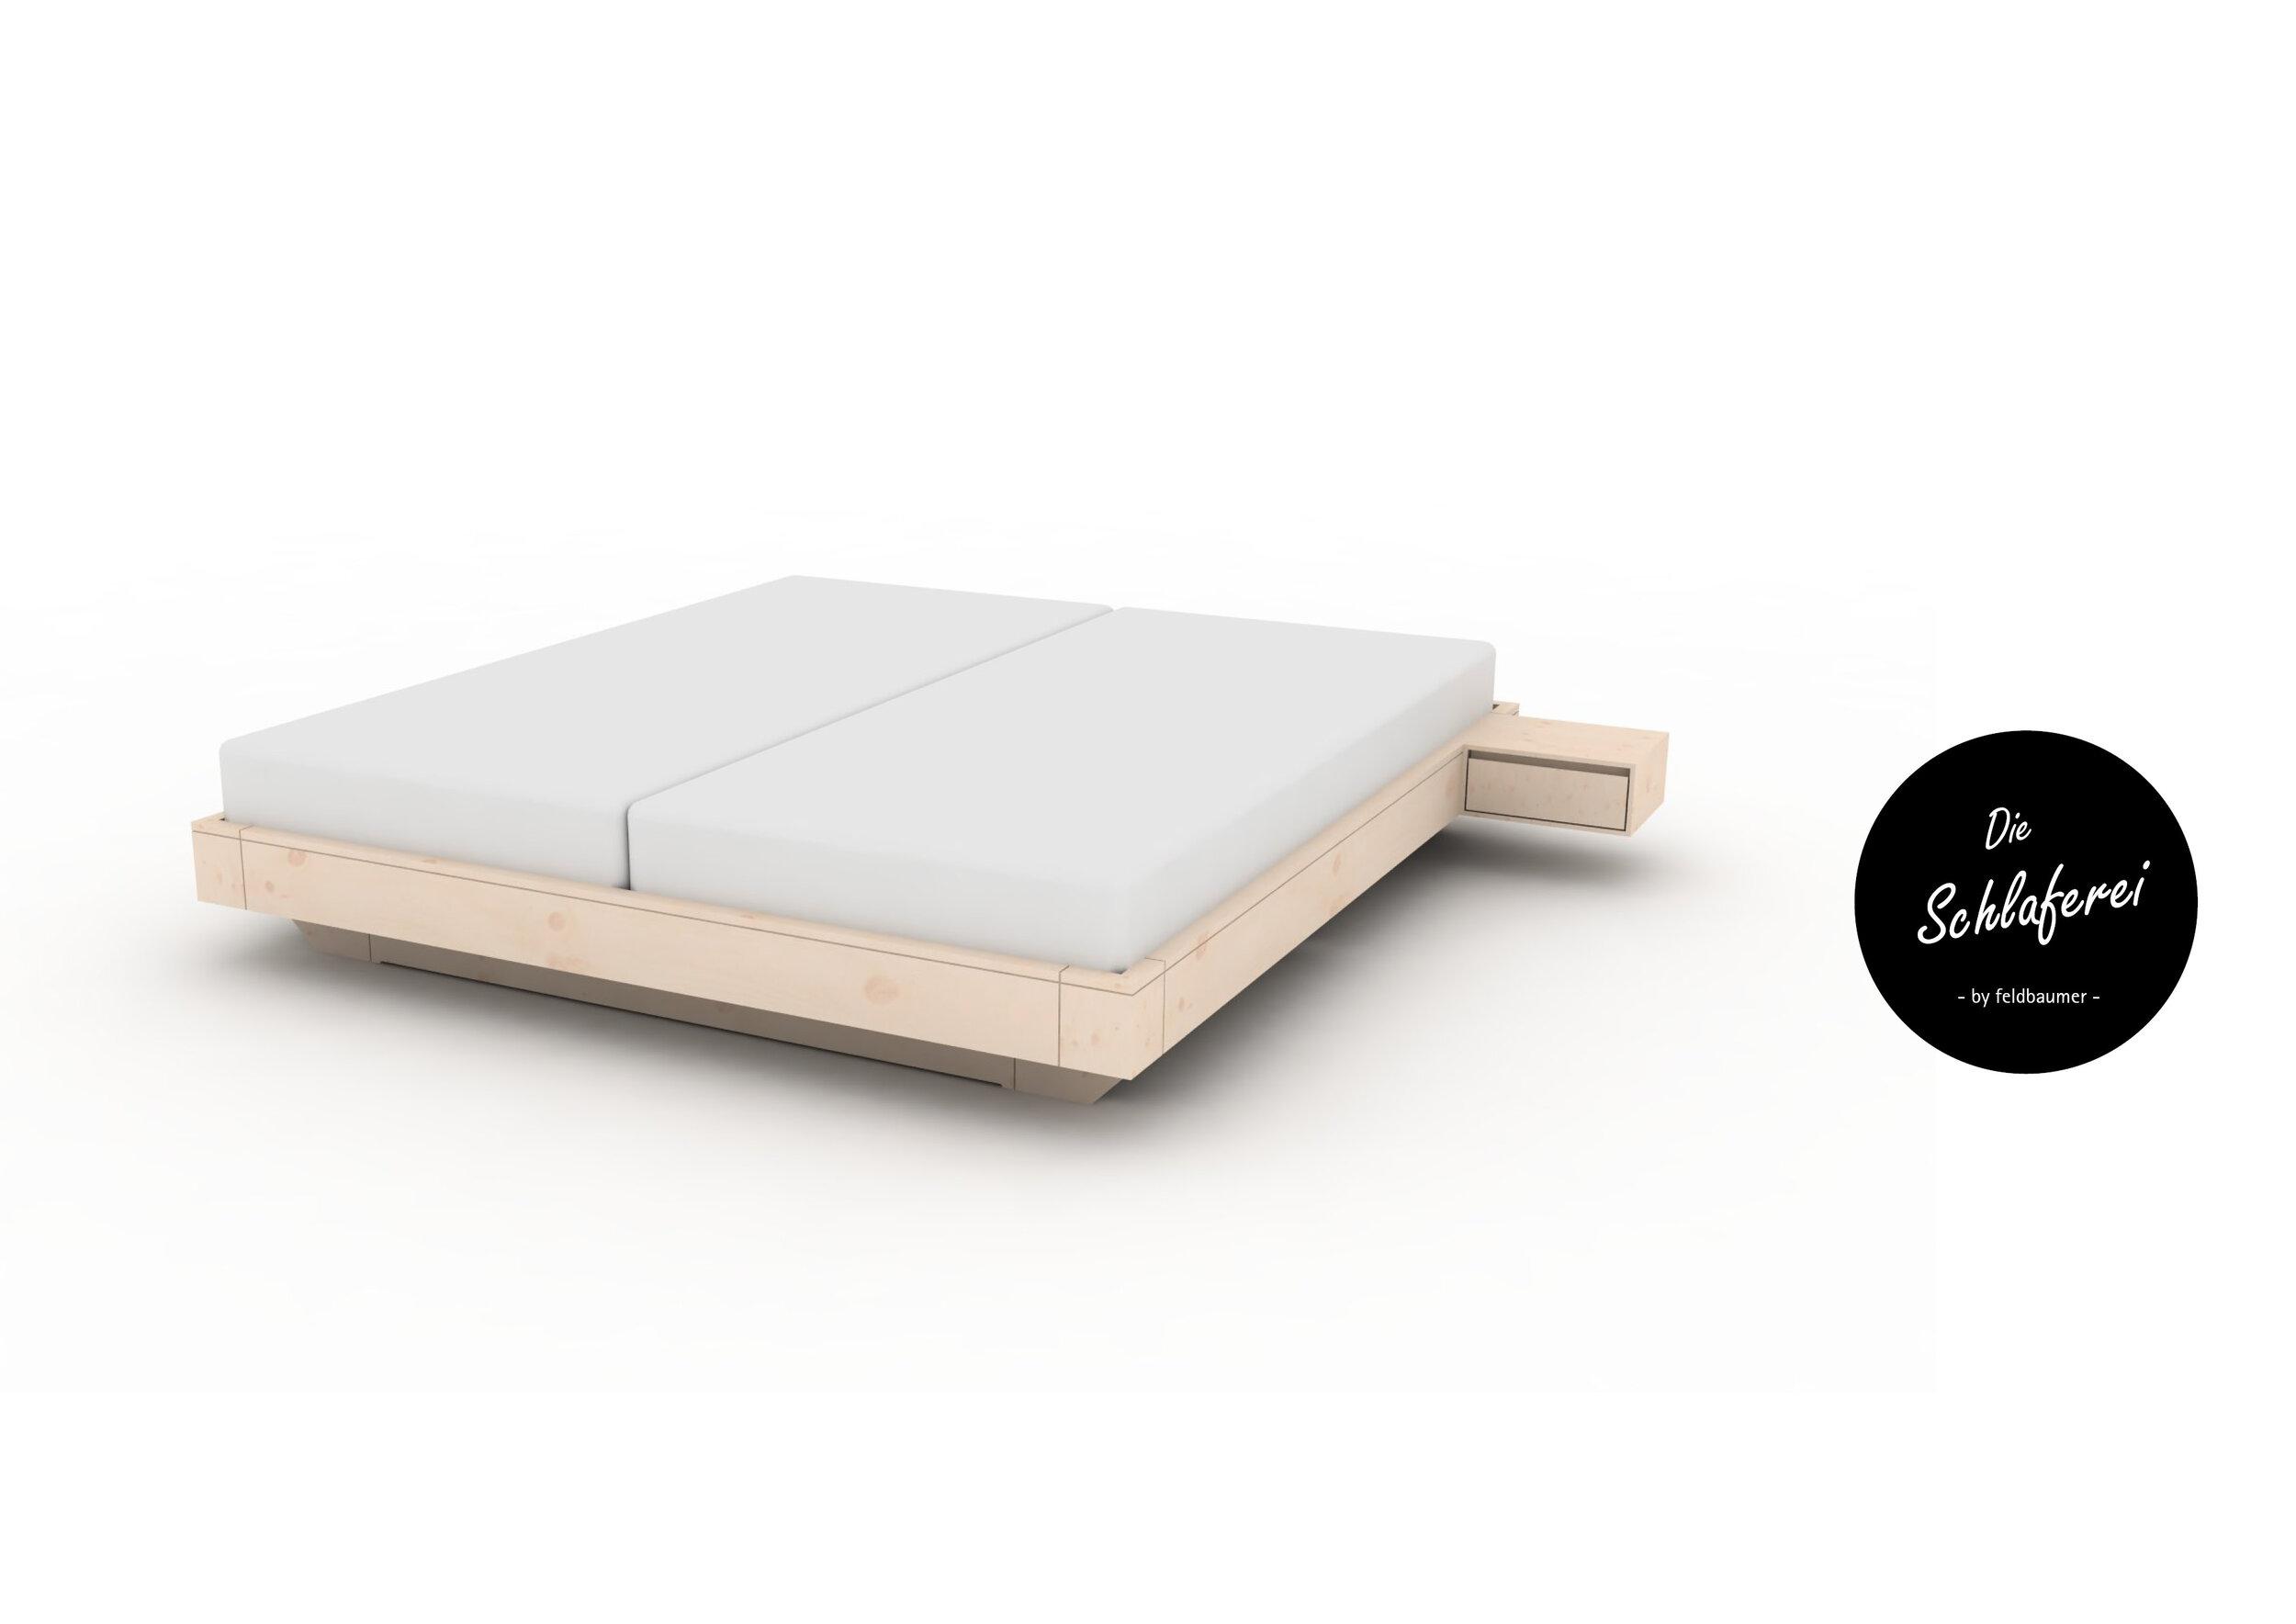 Modell 02 - … ohne Kopfteil mit Nachtkästchen